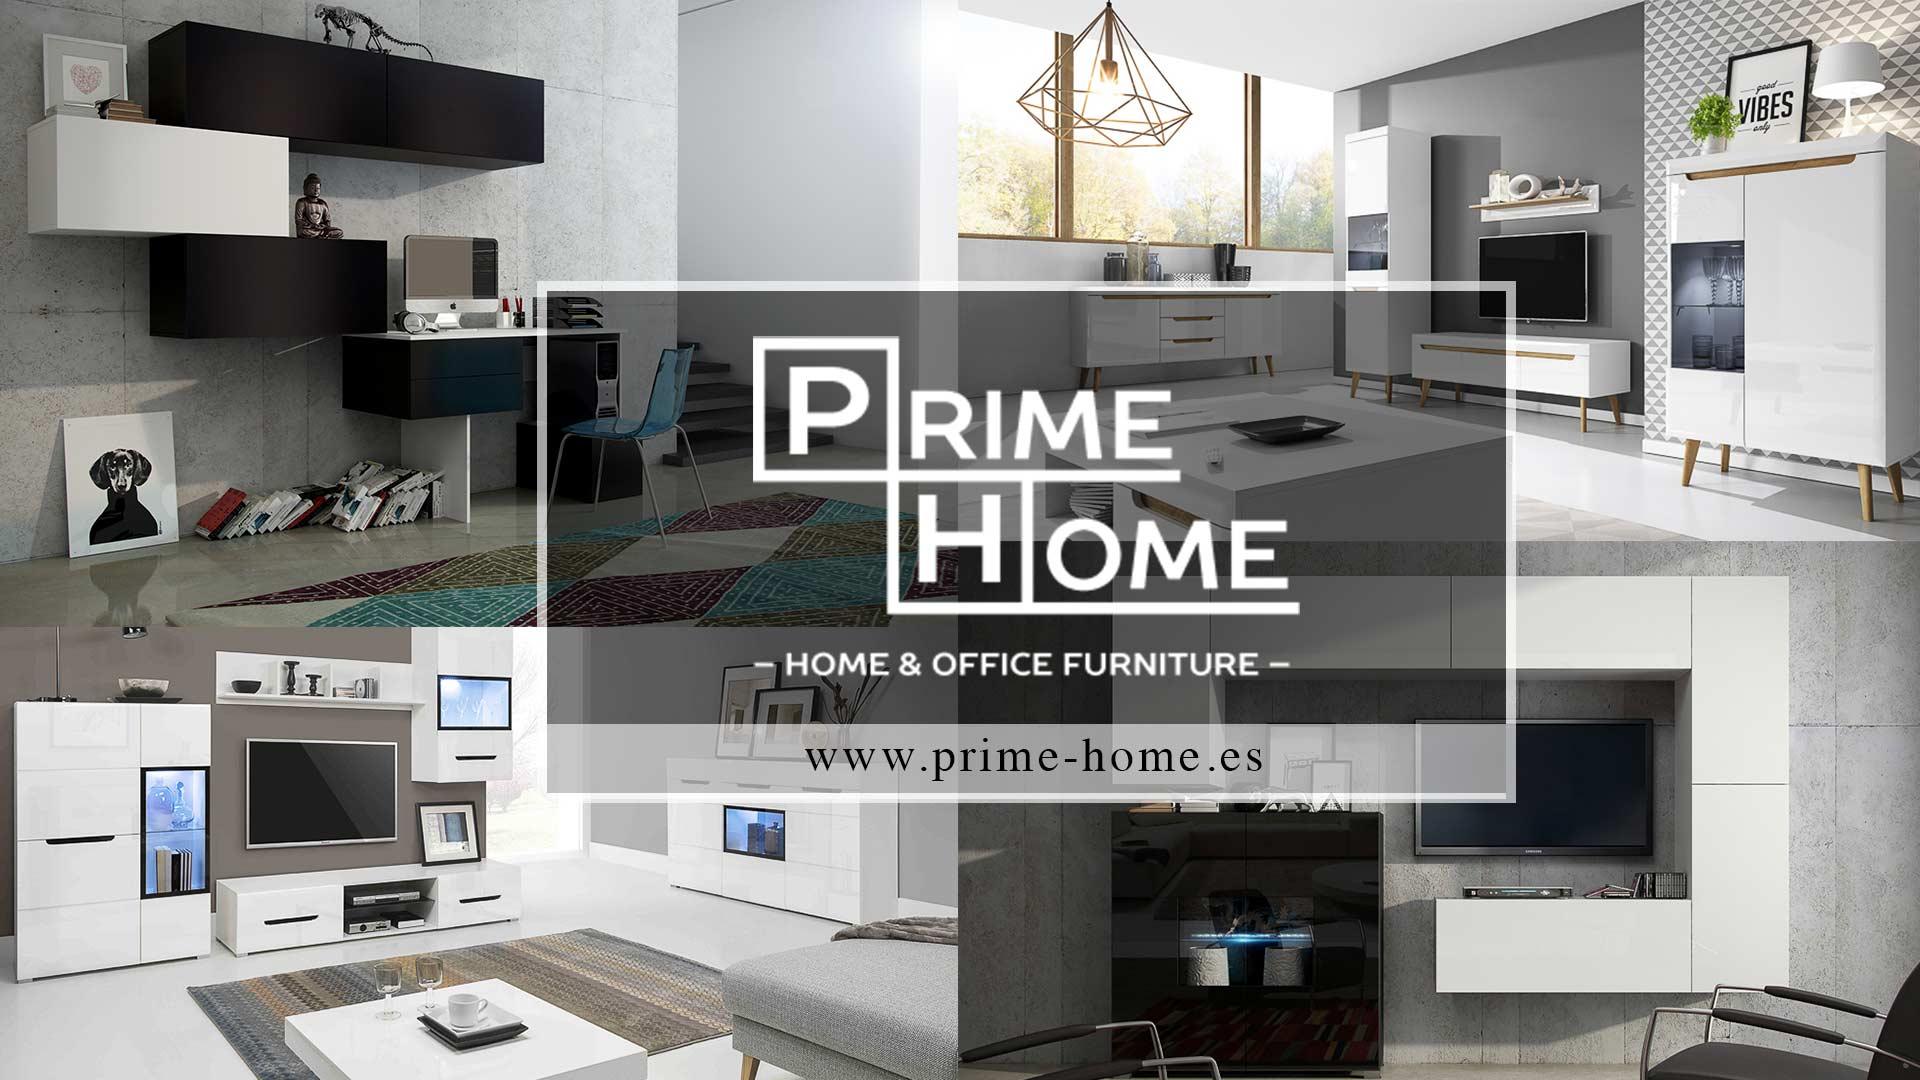 Prime home deutschland m bel f r haus und b ro for Belgrano home muebles para el hogar